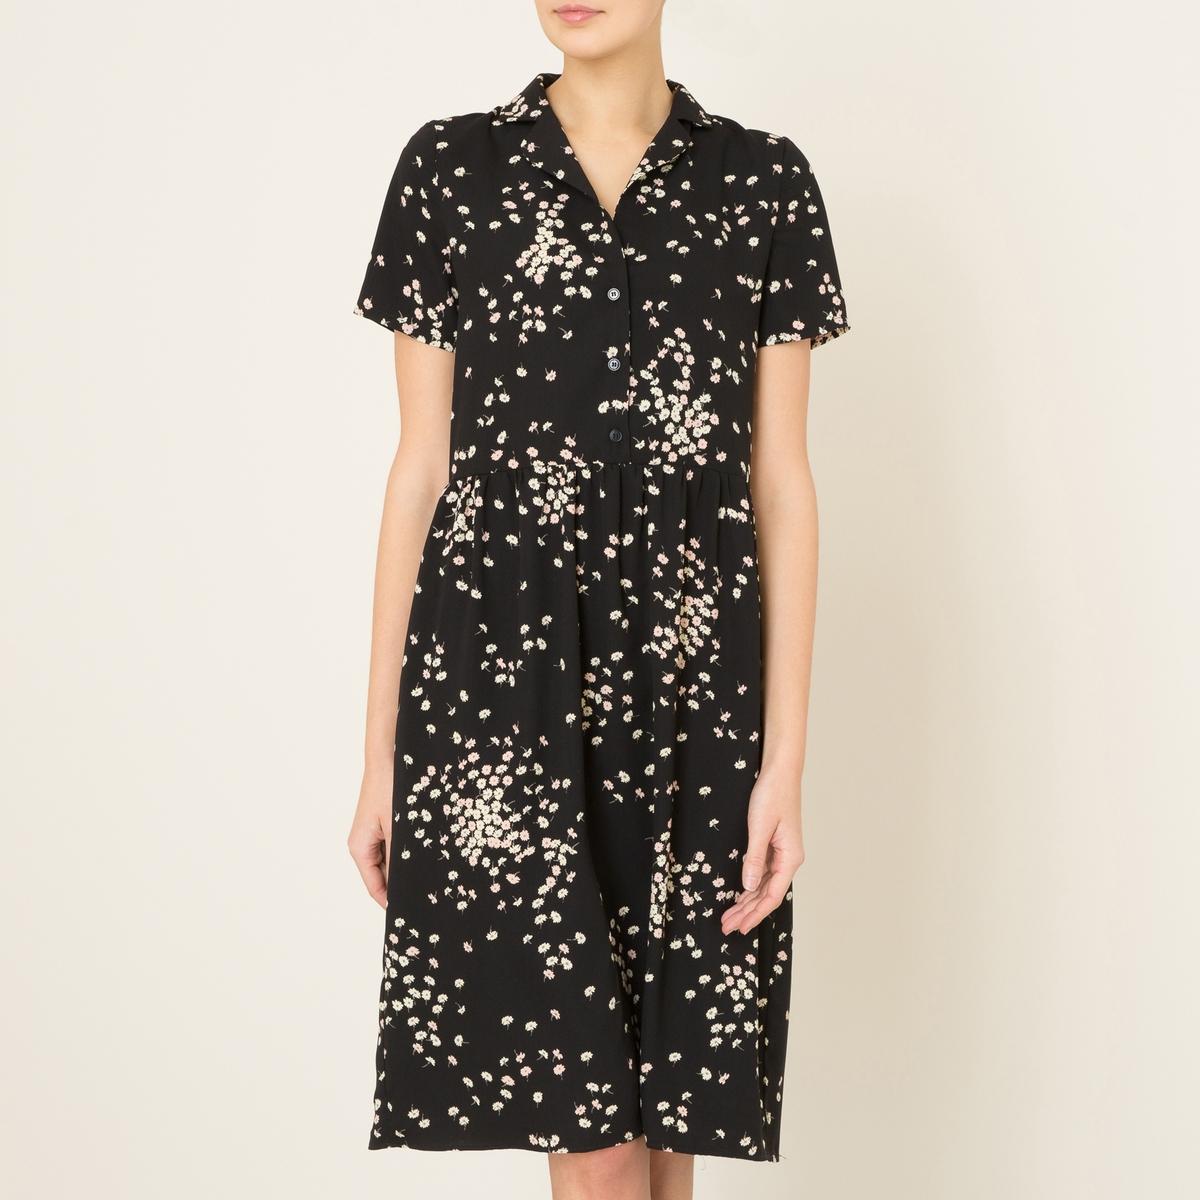 Платье ABBESSEСостав и описание Материал : 100% полиэстерДлина : ок.100 см. (для размера S)Марка : LA BRAND BOUTIQUE<br><br>Цвет: рисунок черный<br>Размер: S